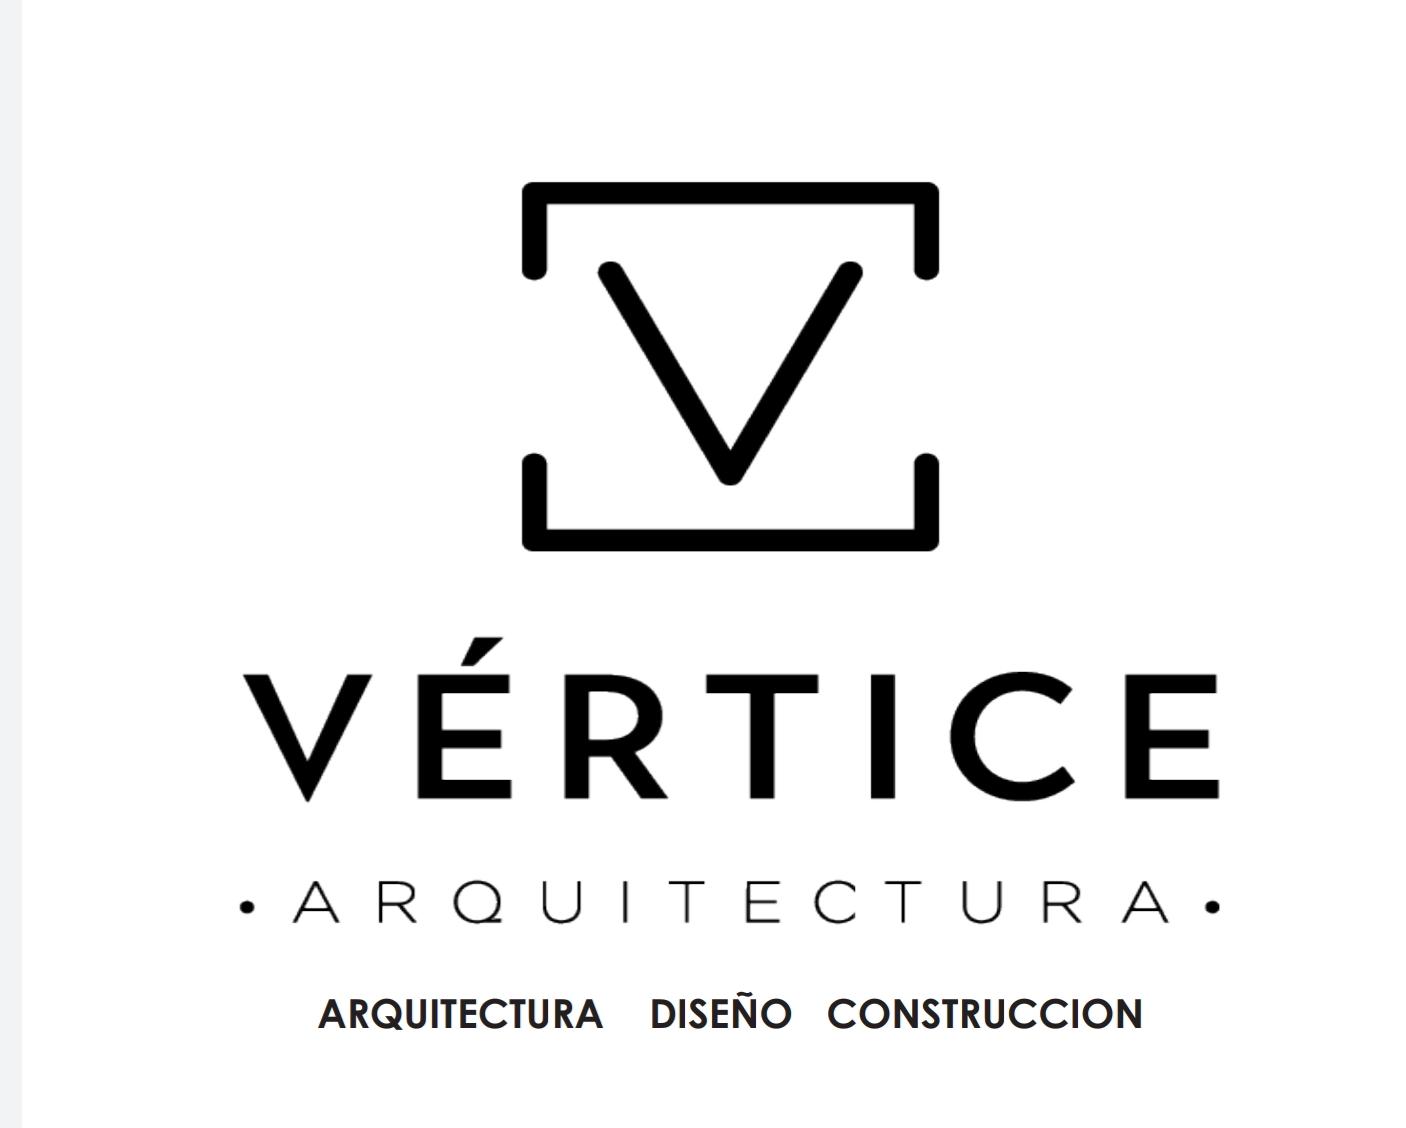 Vertice Arquitectura